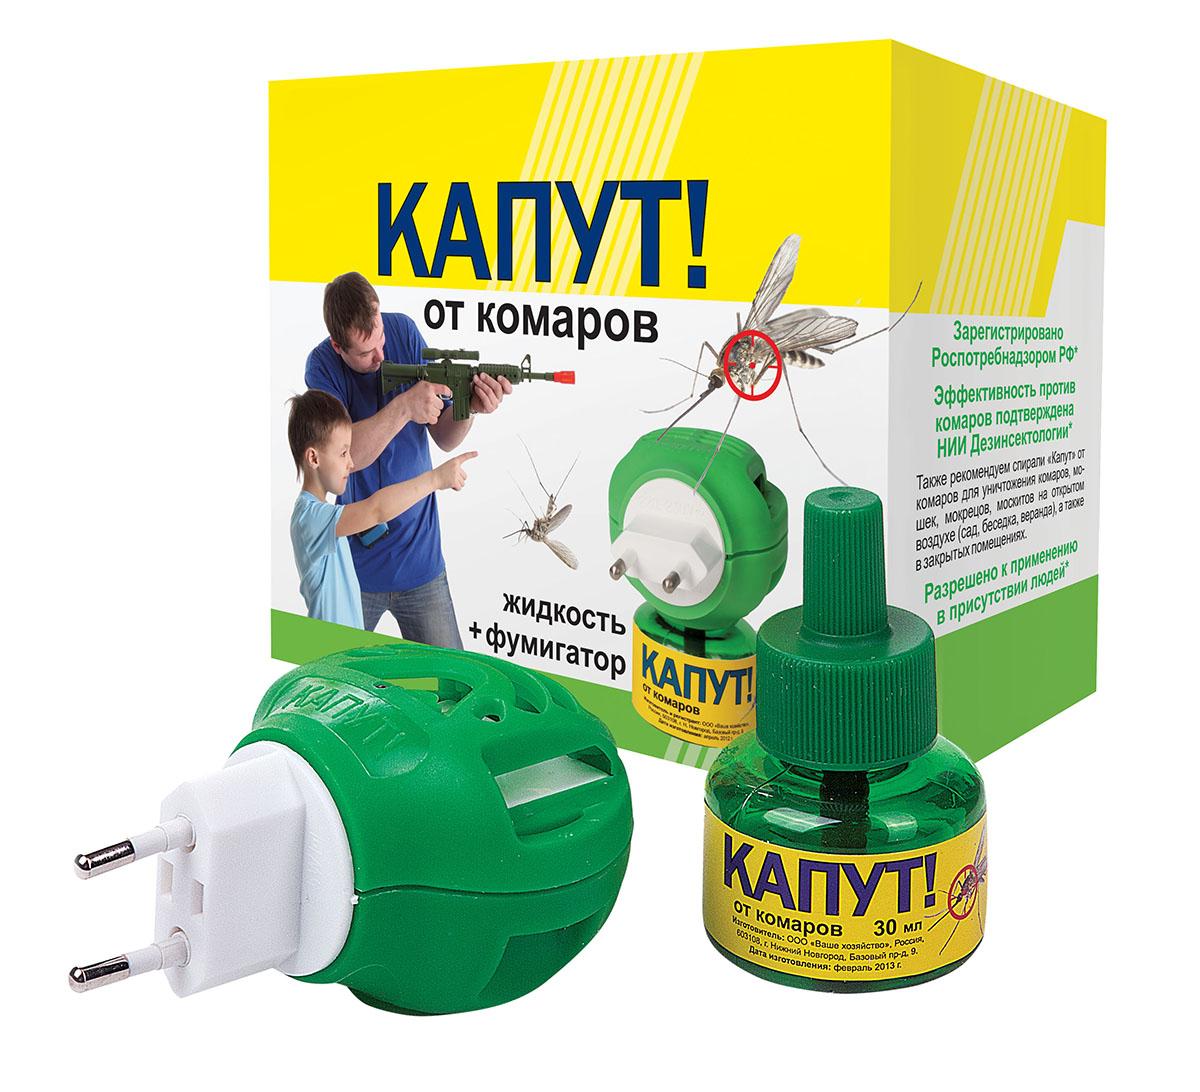 Комплект Ваше хозяйство Капут: фумигатор + жидкость от комаров, 30 мл, 30 мл фумигатор бэби дэта универсальный для детской комнаты жидкость от комаров с индикатором включения 45 ночей 30 мл